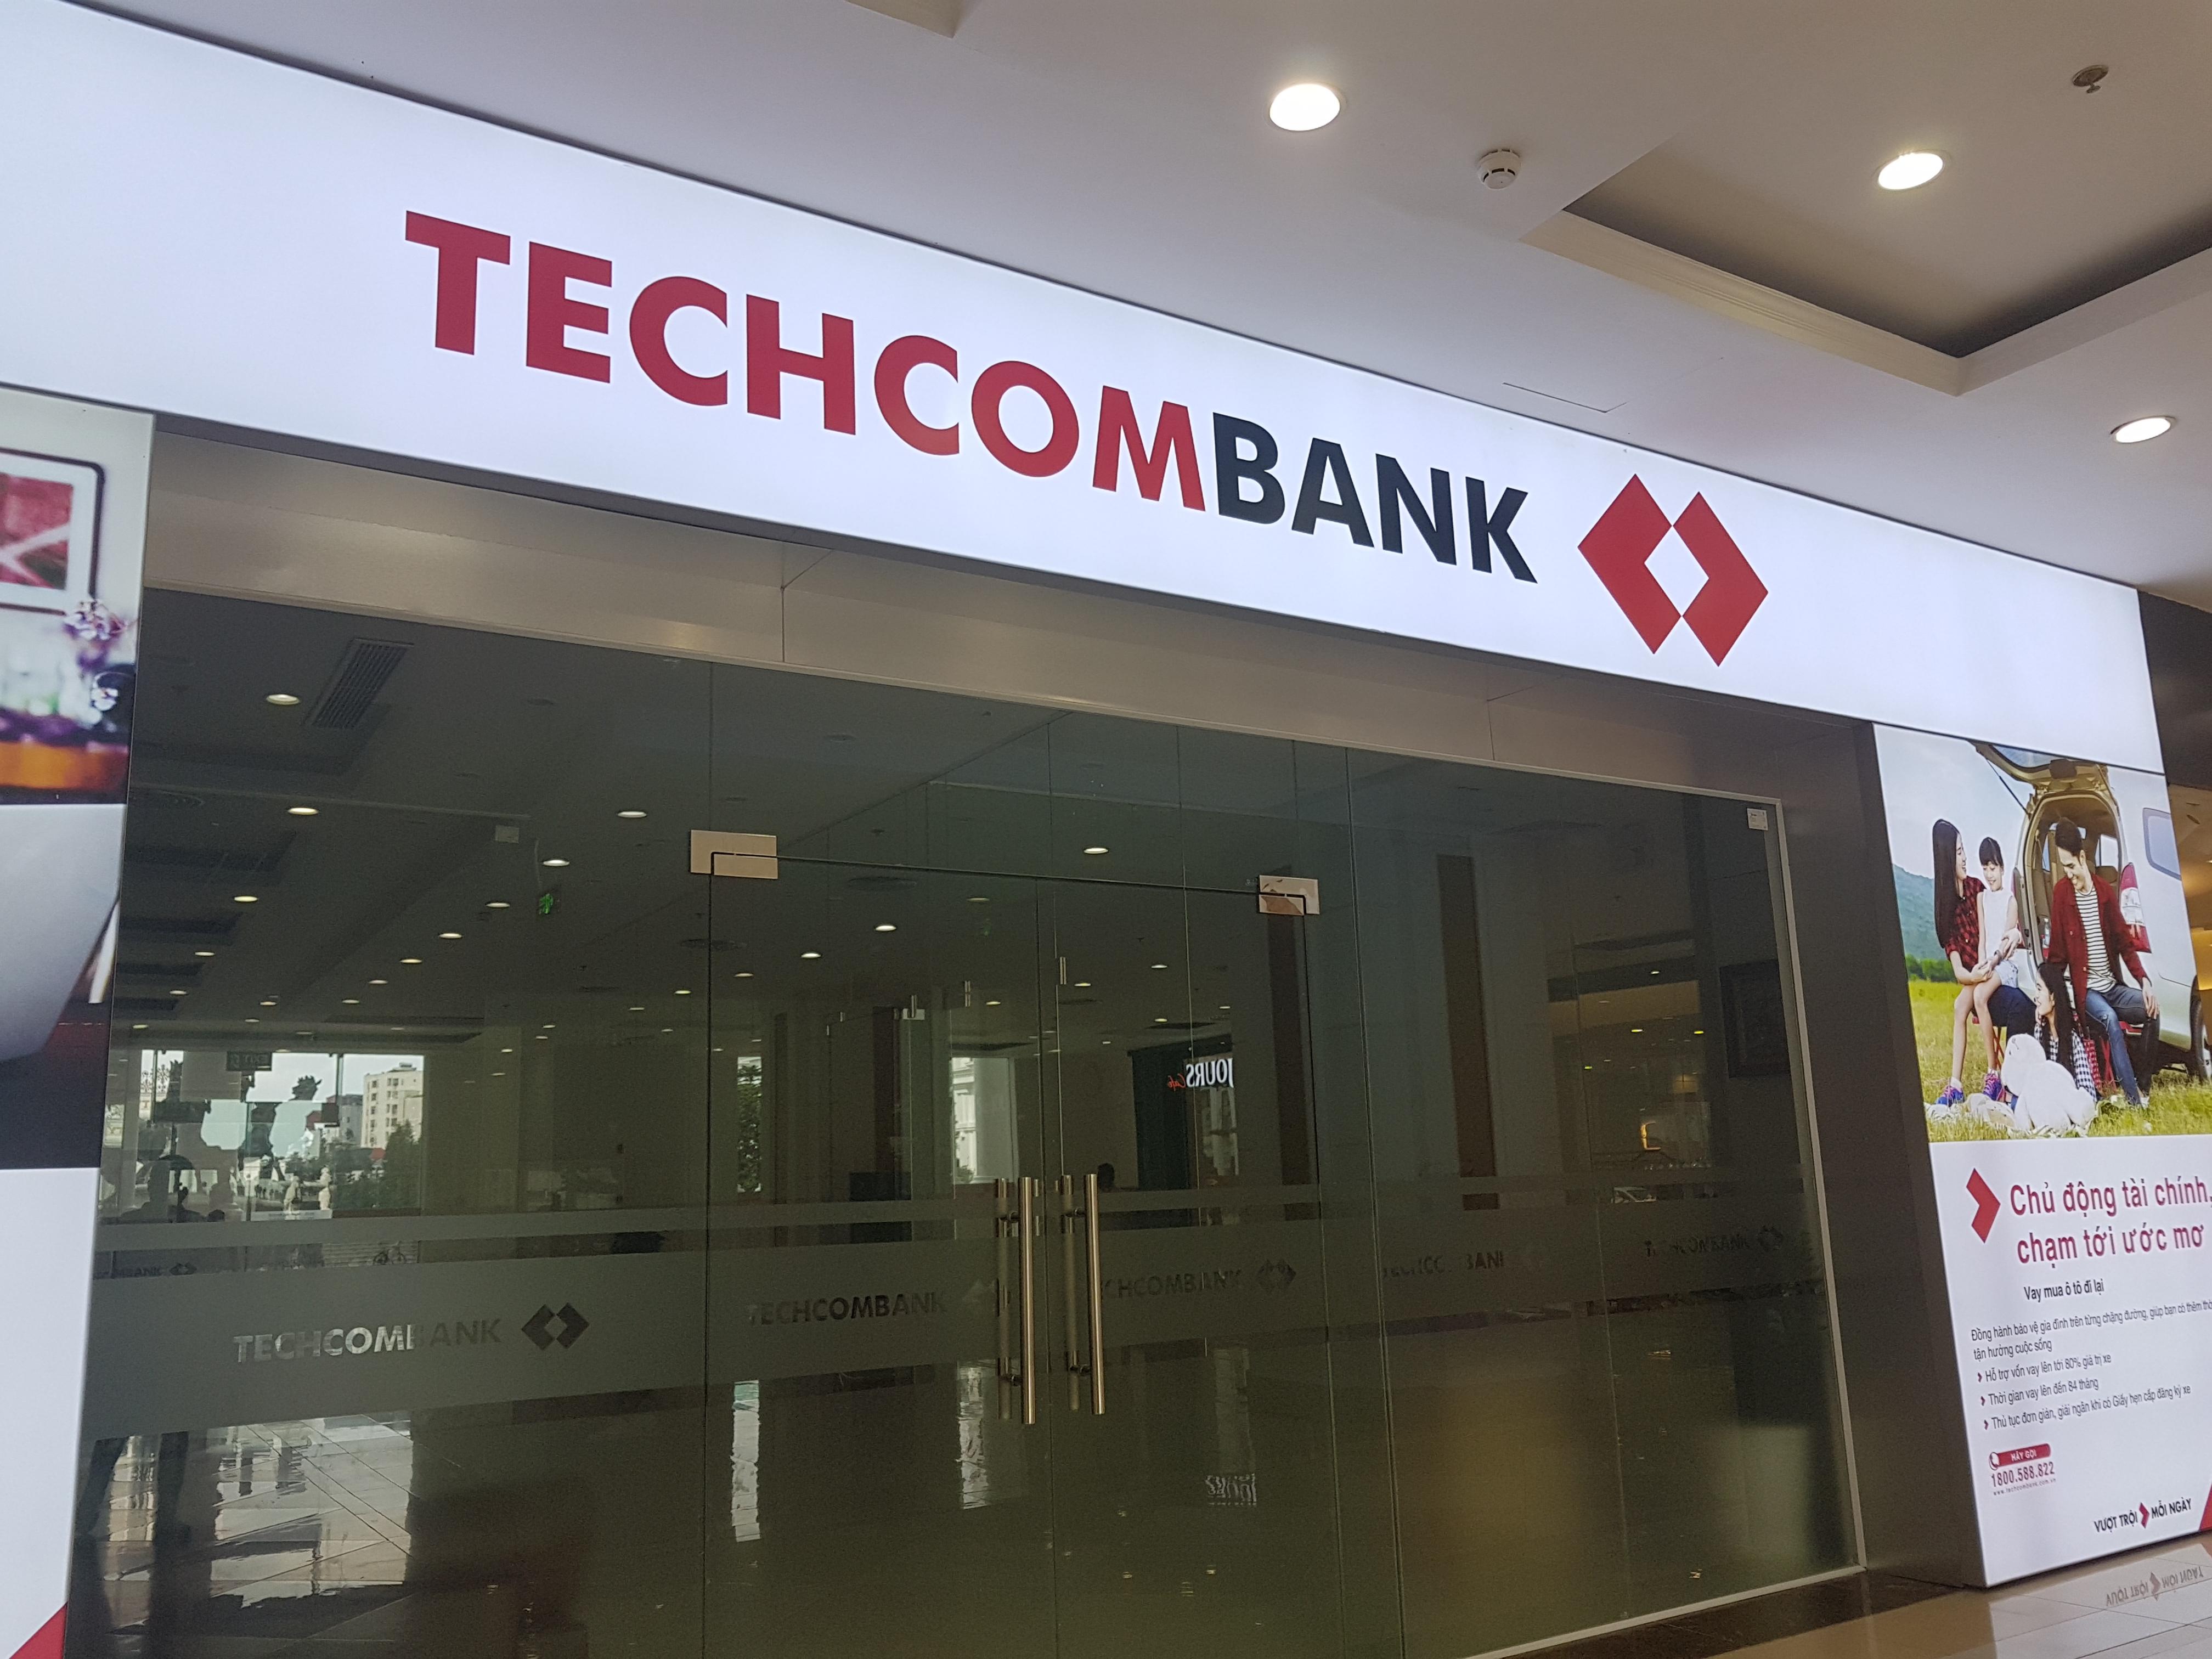 CEO Techcombank đăng kí mua gần 440.000 cổ phiếu TCB - Ảnh 1.